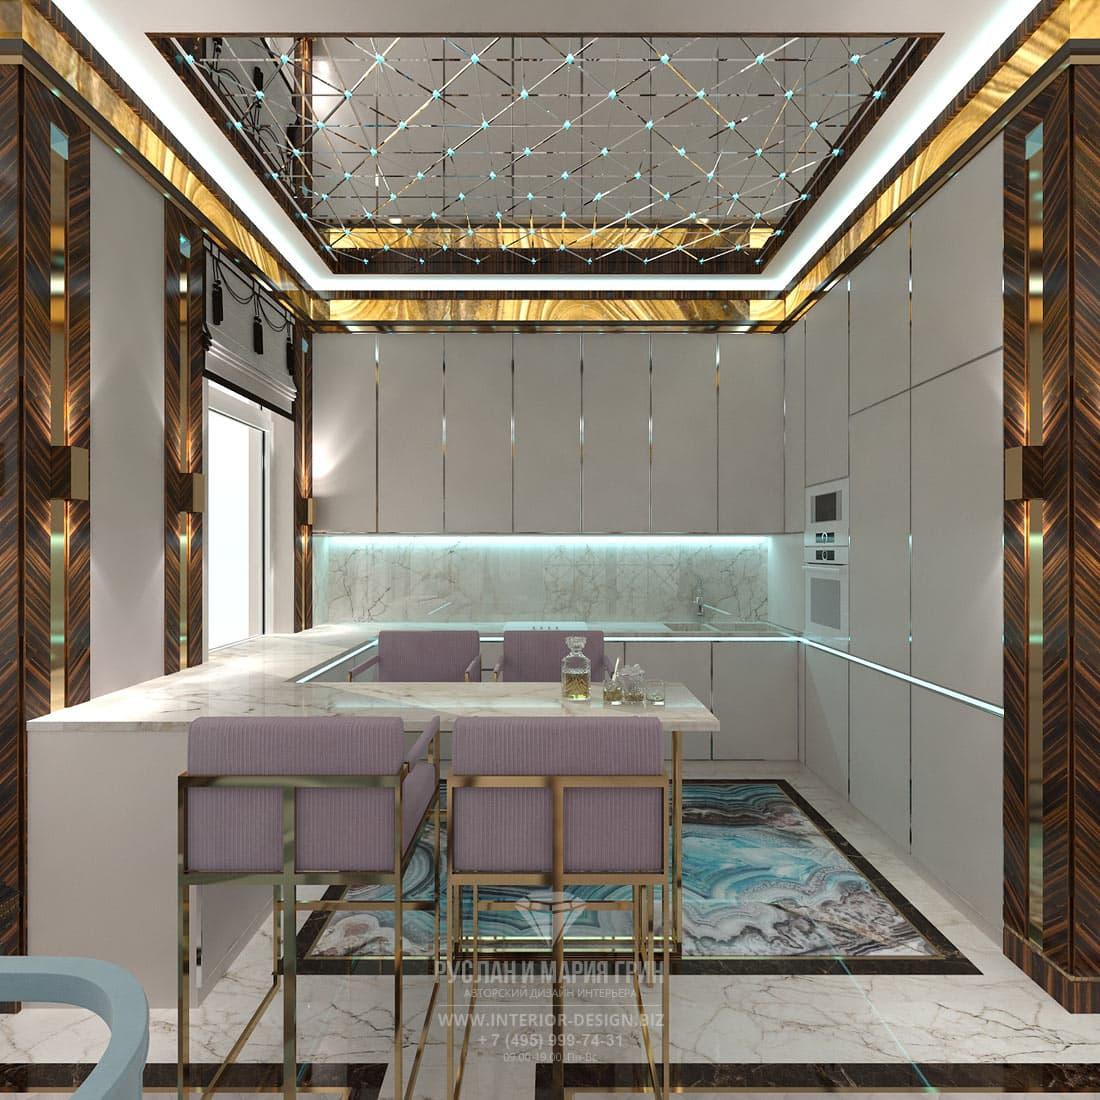 Дизайн интерьера квартиры. Фото кухни